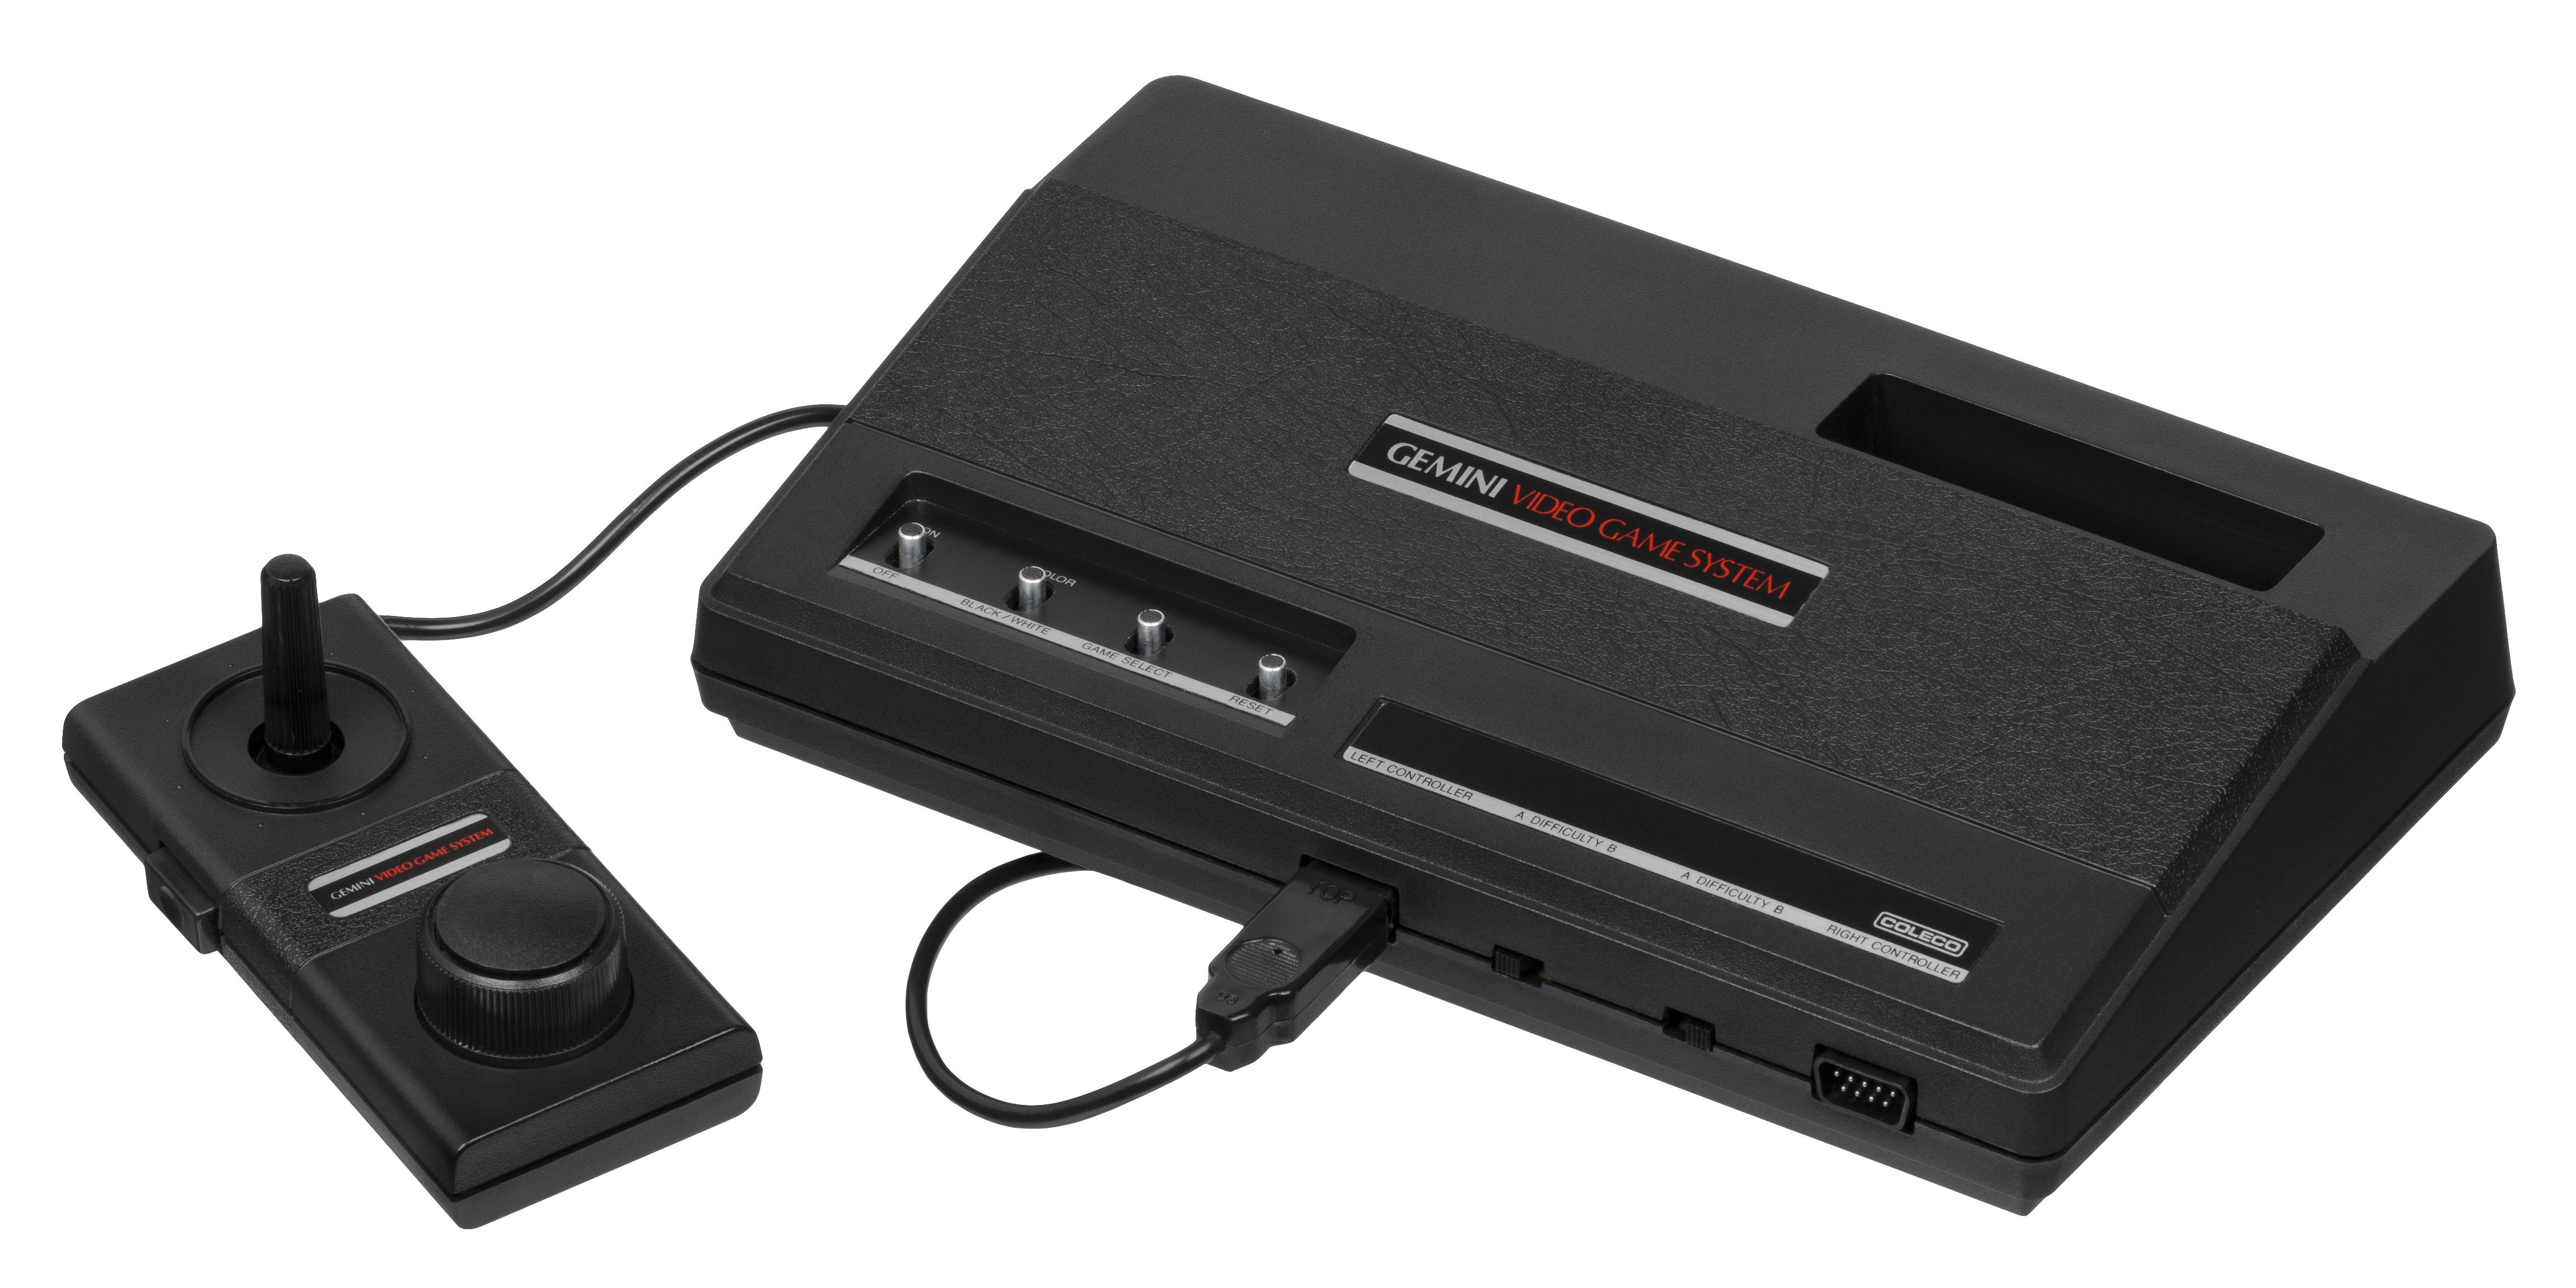 Atari #1 Game Console Logos